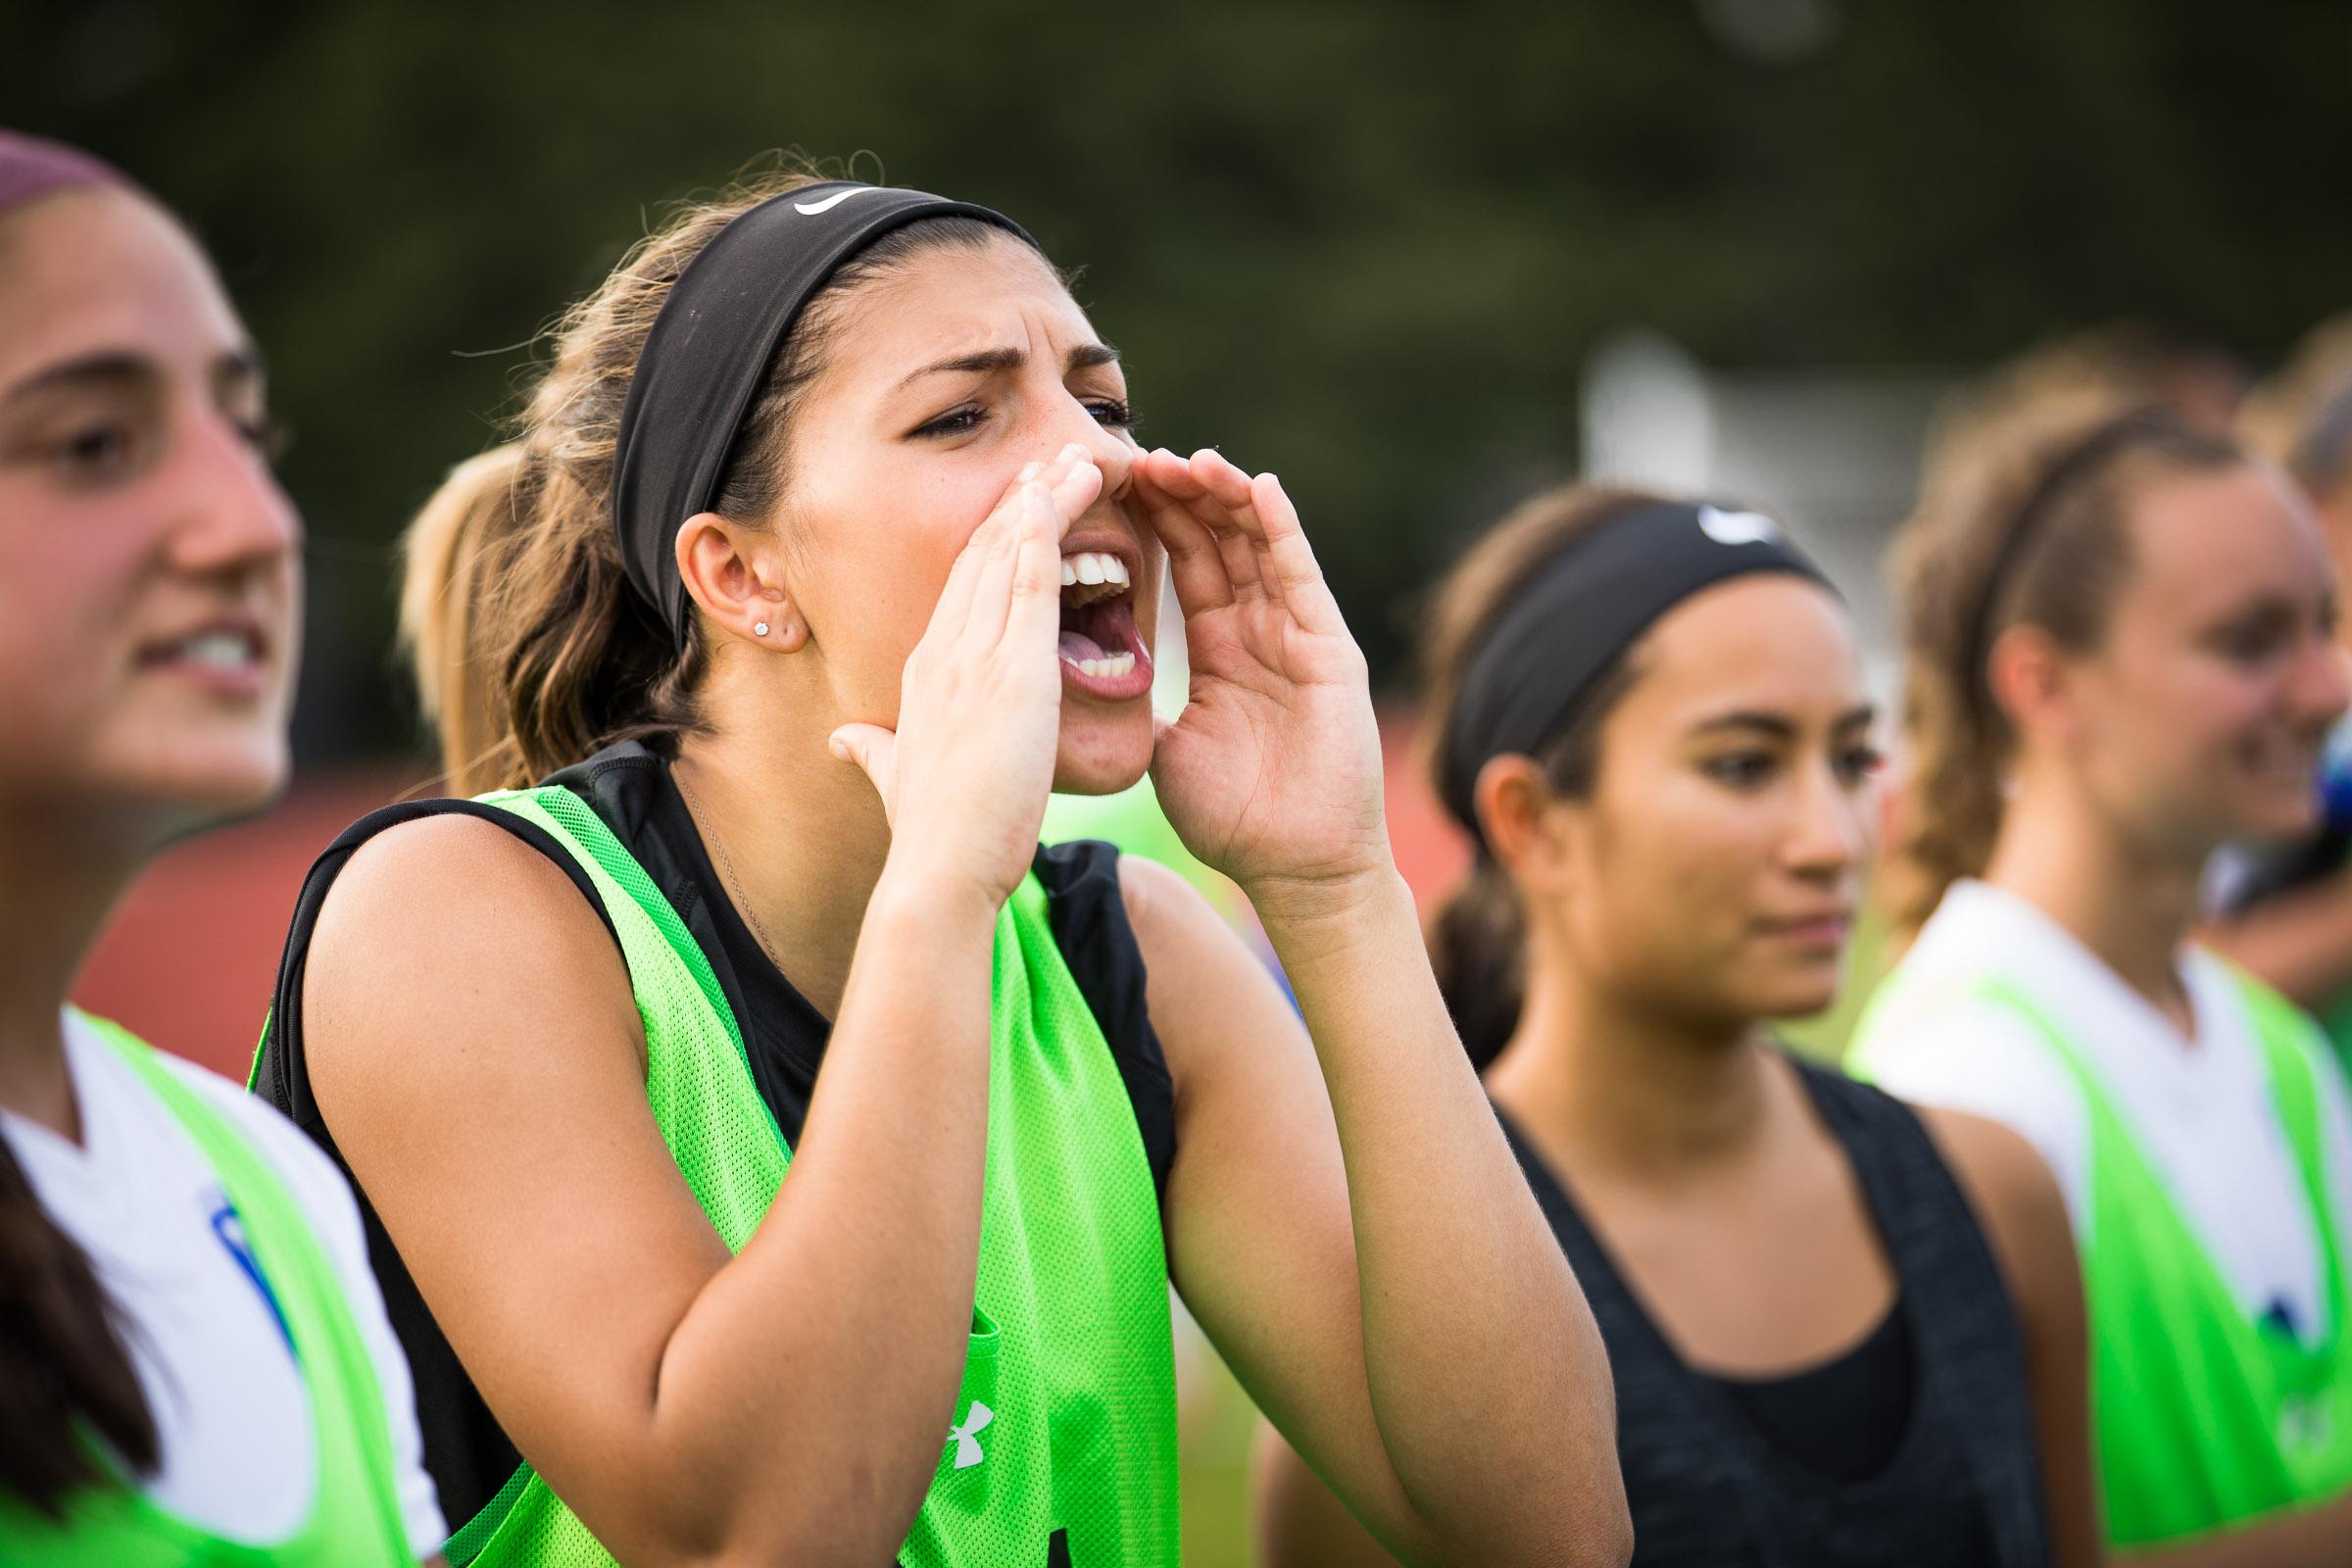 student athletes yelling on sideline